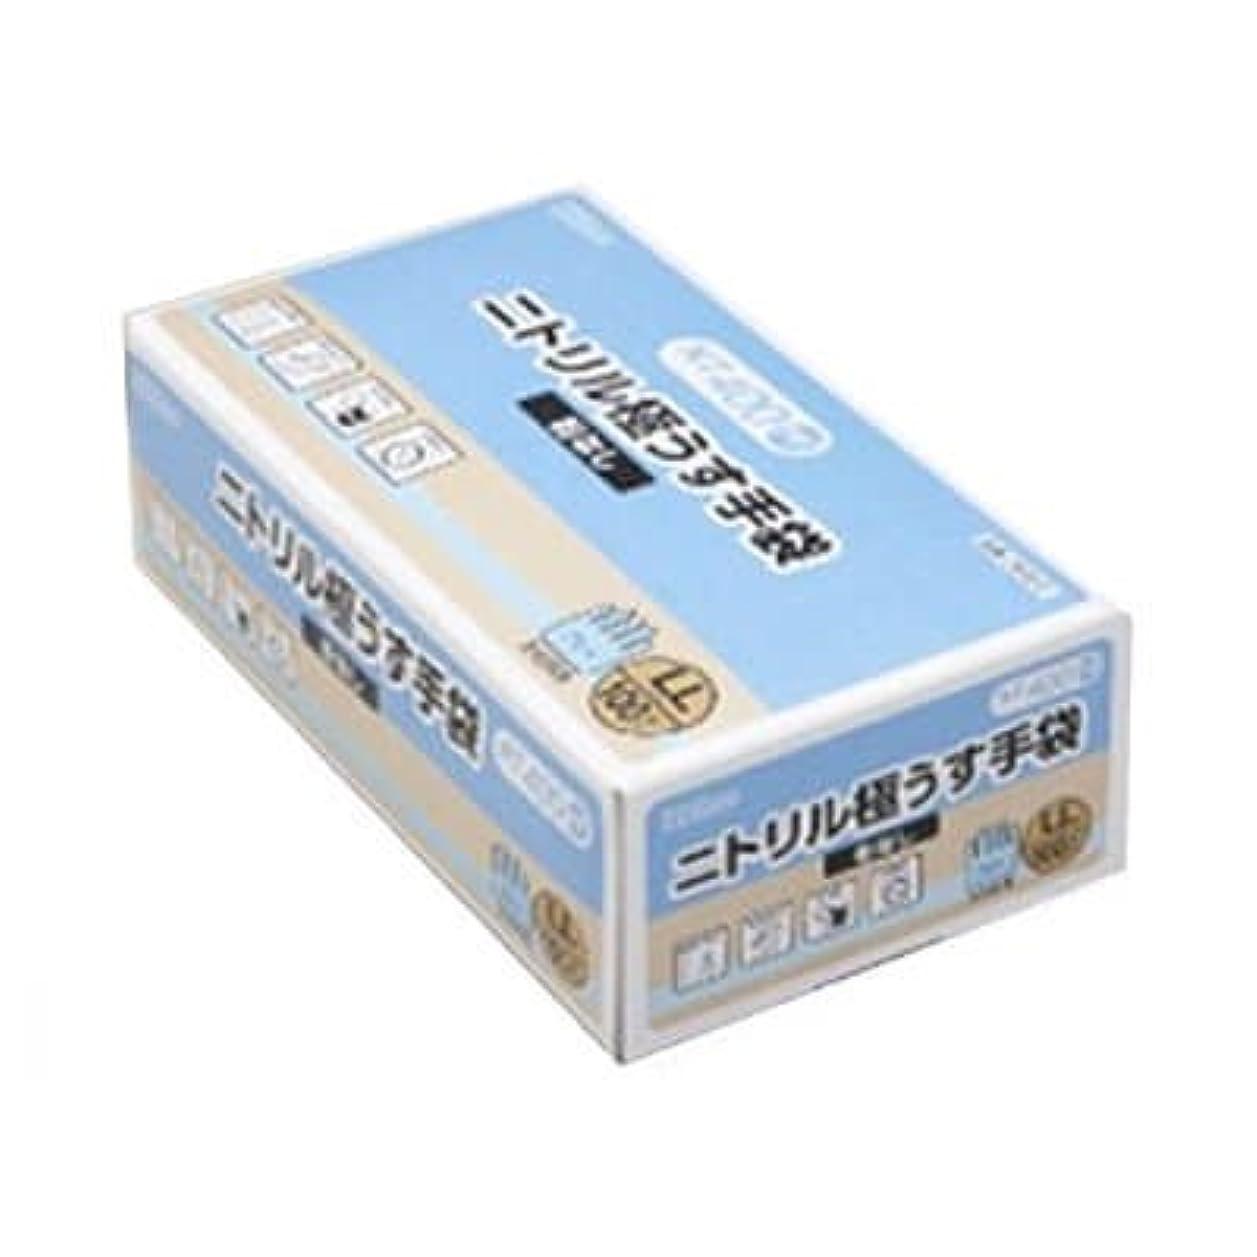 【ケース販売】 ダンロップ ニトリル極うす手袋 粉無 LL ブルー NT-400 (100枚入×20箱)